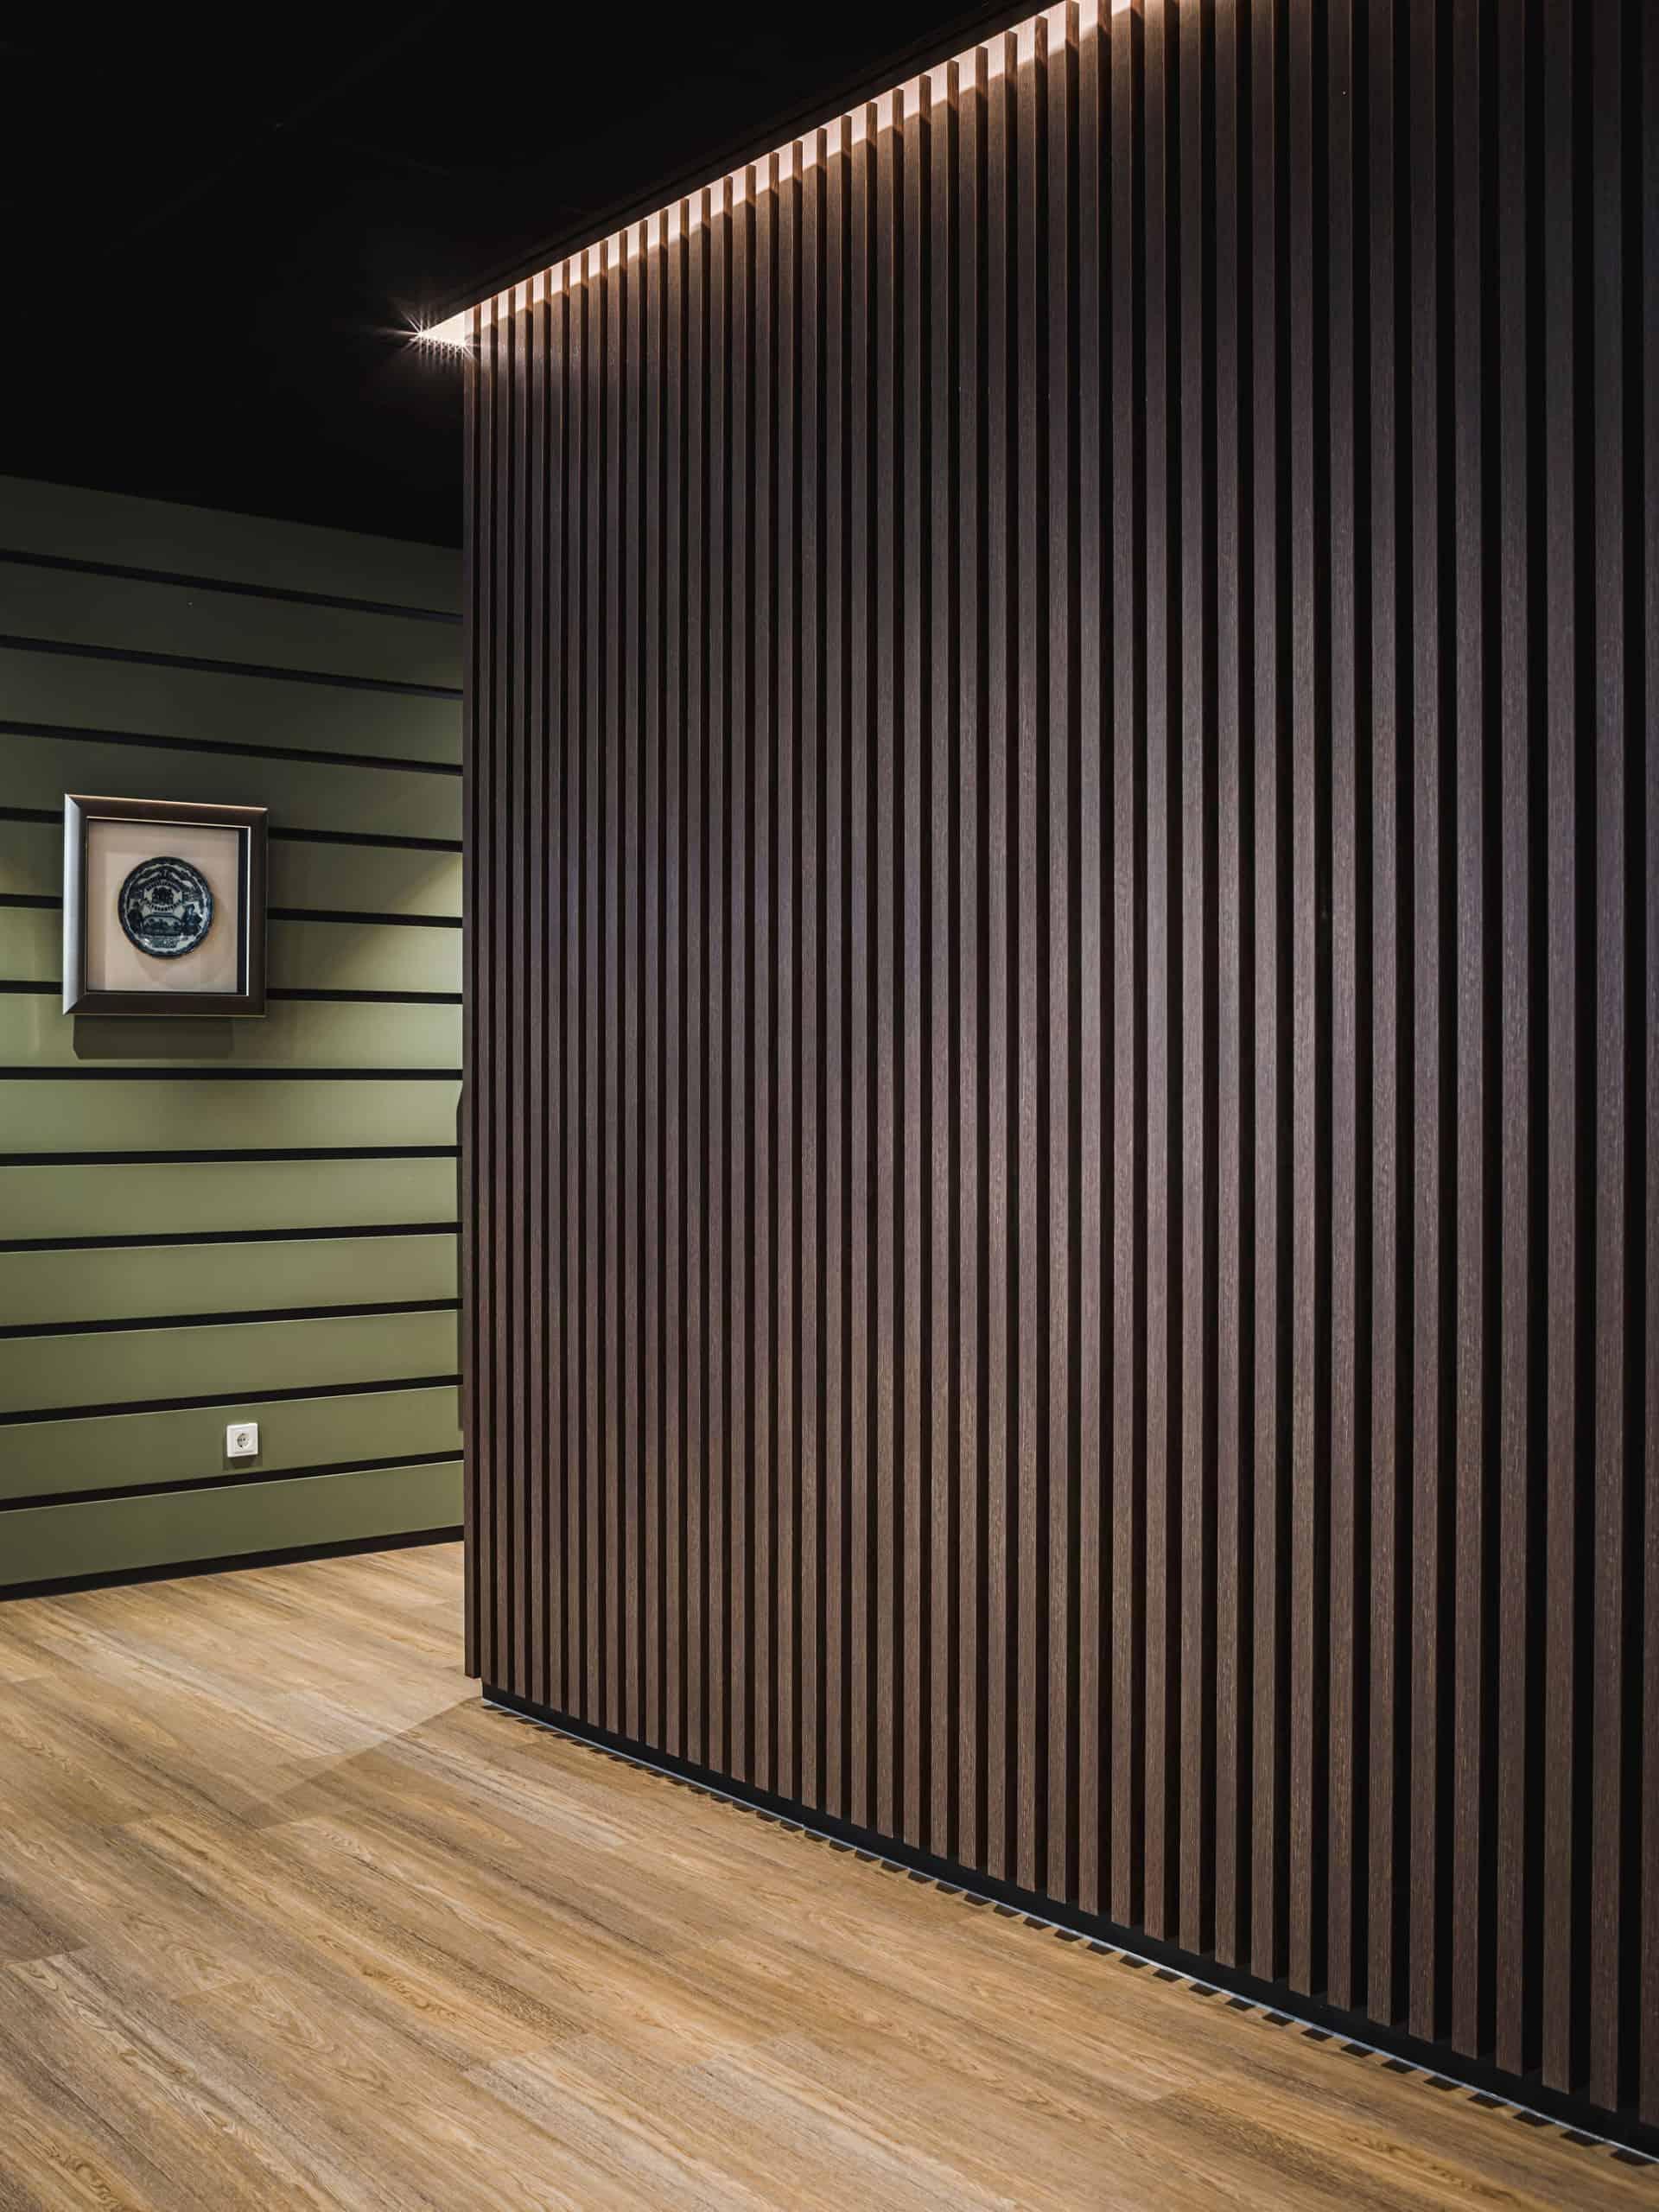 binnenhuisarchitect Wildenberg ontwerp kantoor COKZ verkeersruimte PVC vloer Fijri interieurbouw